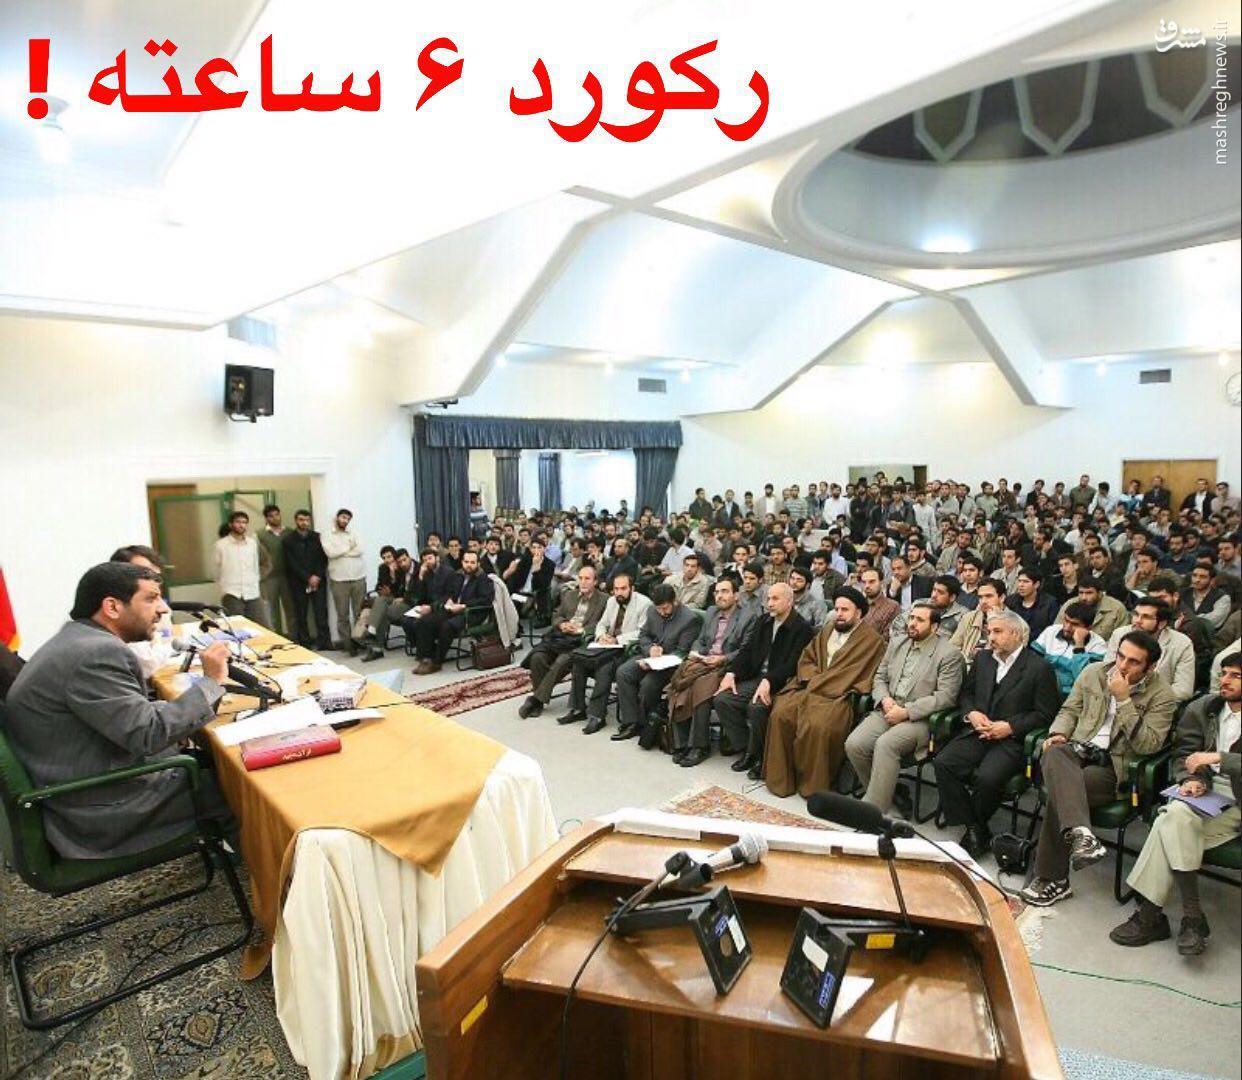 رکوردشکنی ضرغامی در دانشگاه امامصادق(ع) +عکس